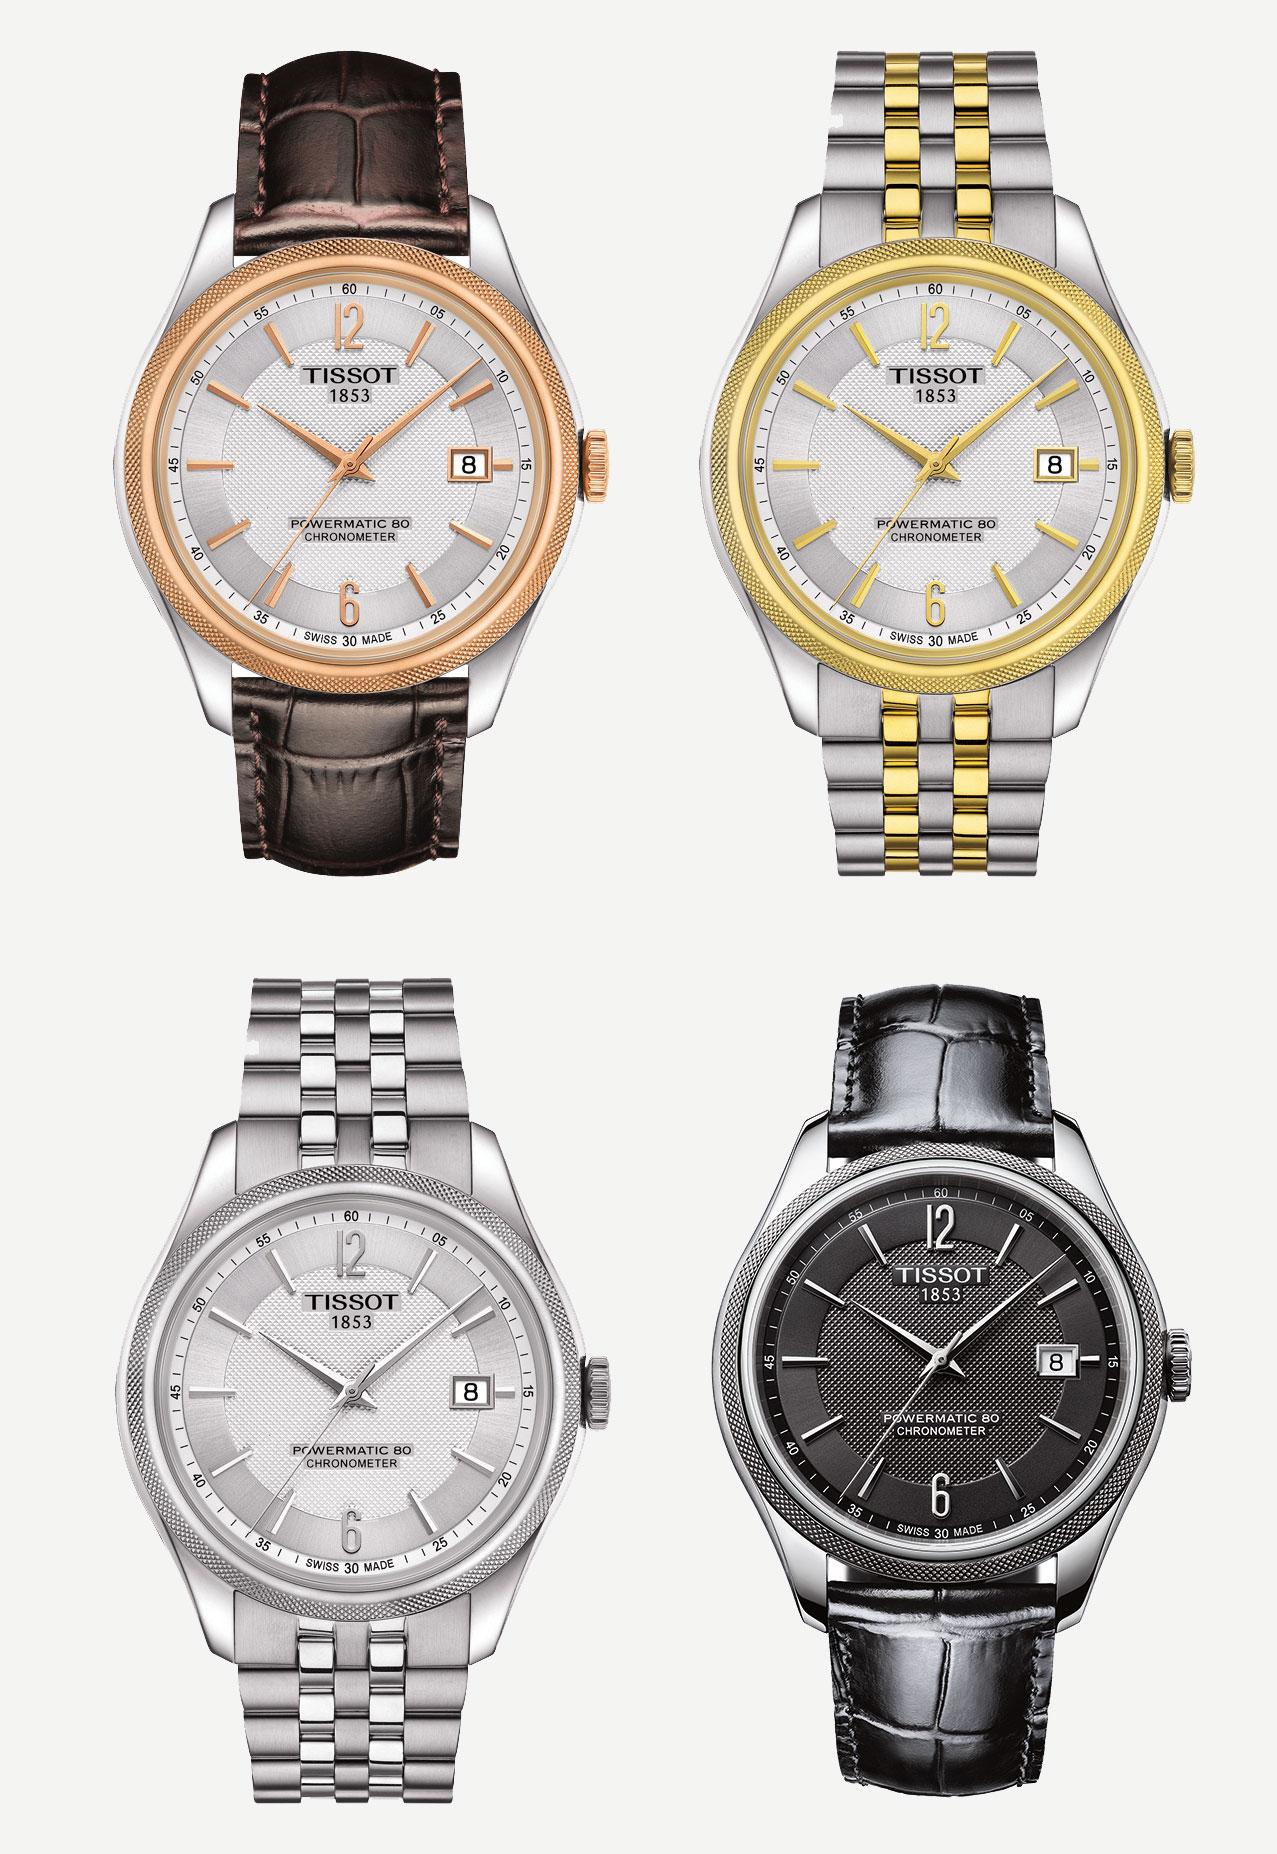 đồng hồ tissot đẹp cho nam